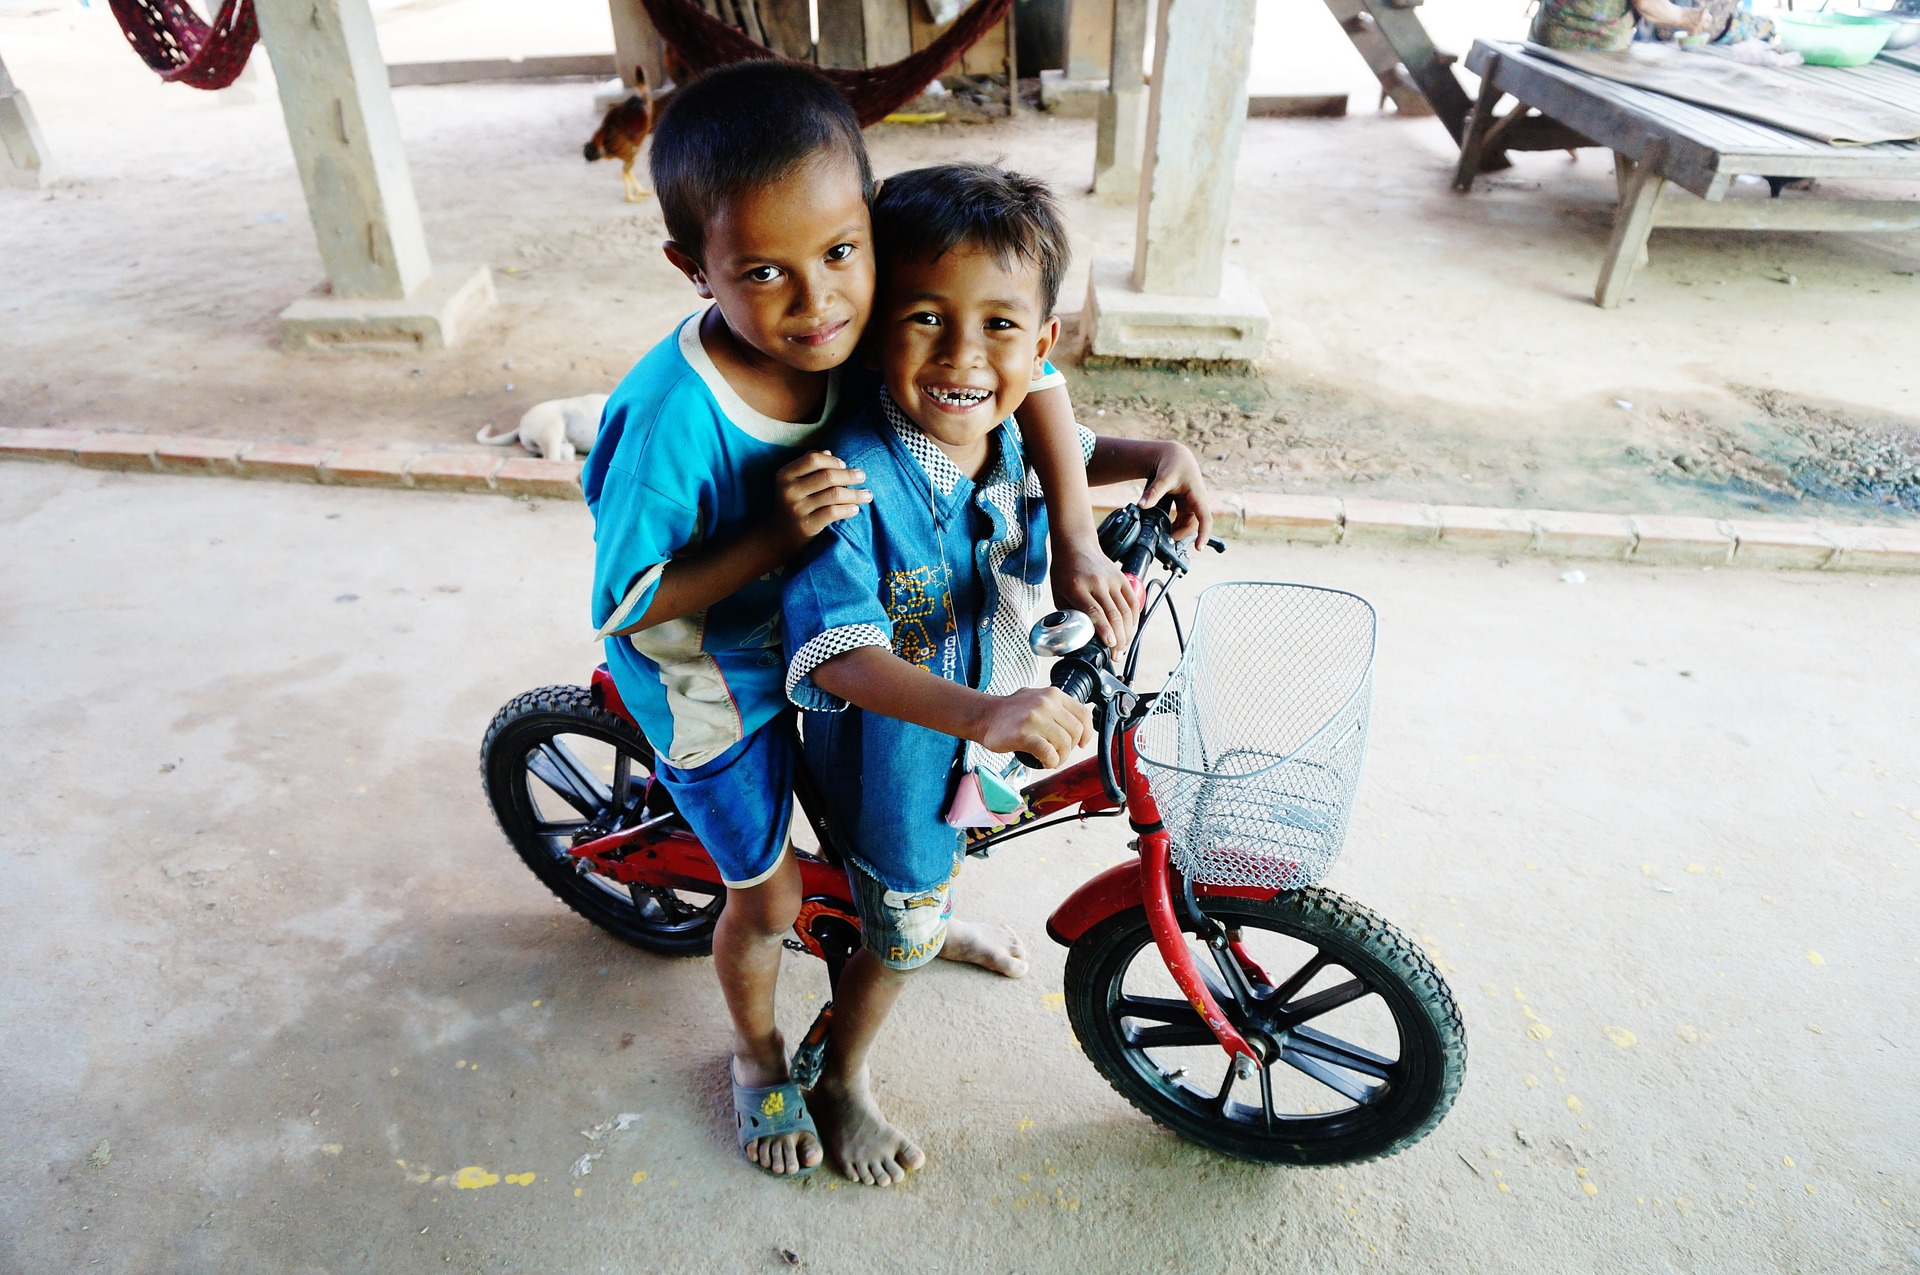 cambodia-2197178_1920